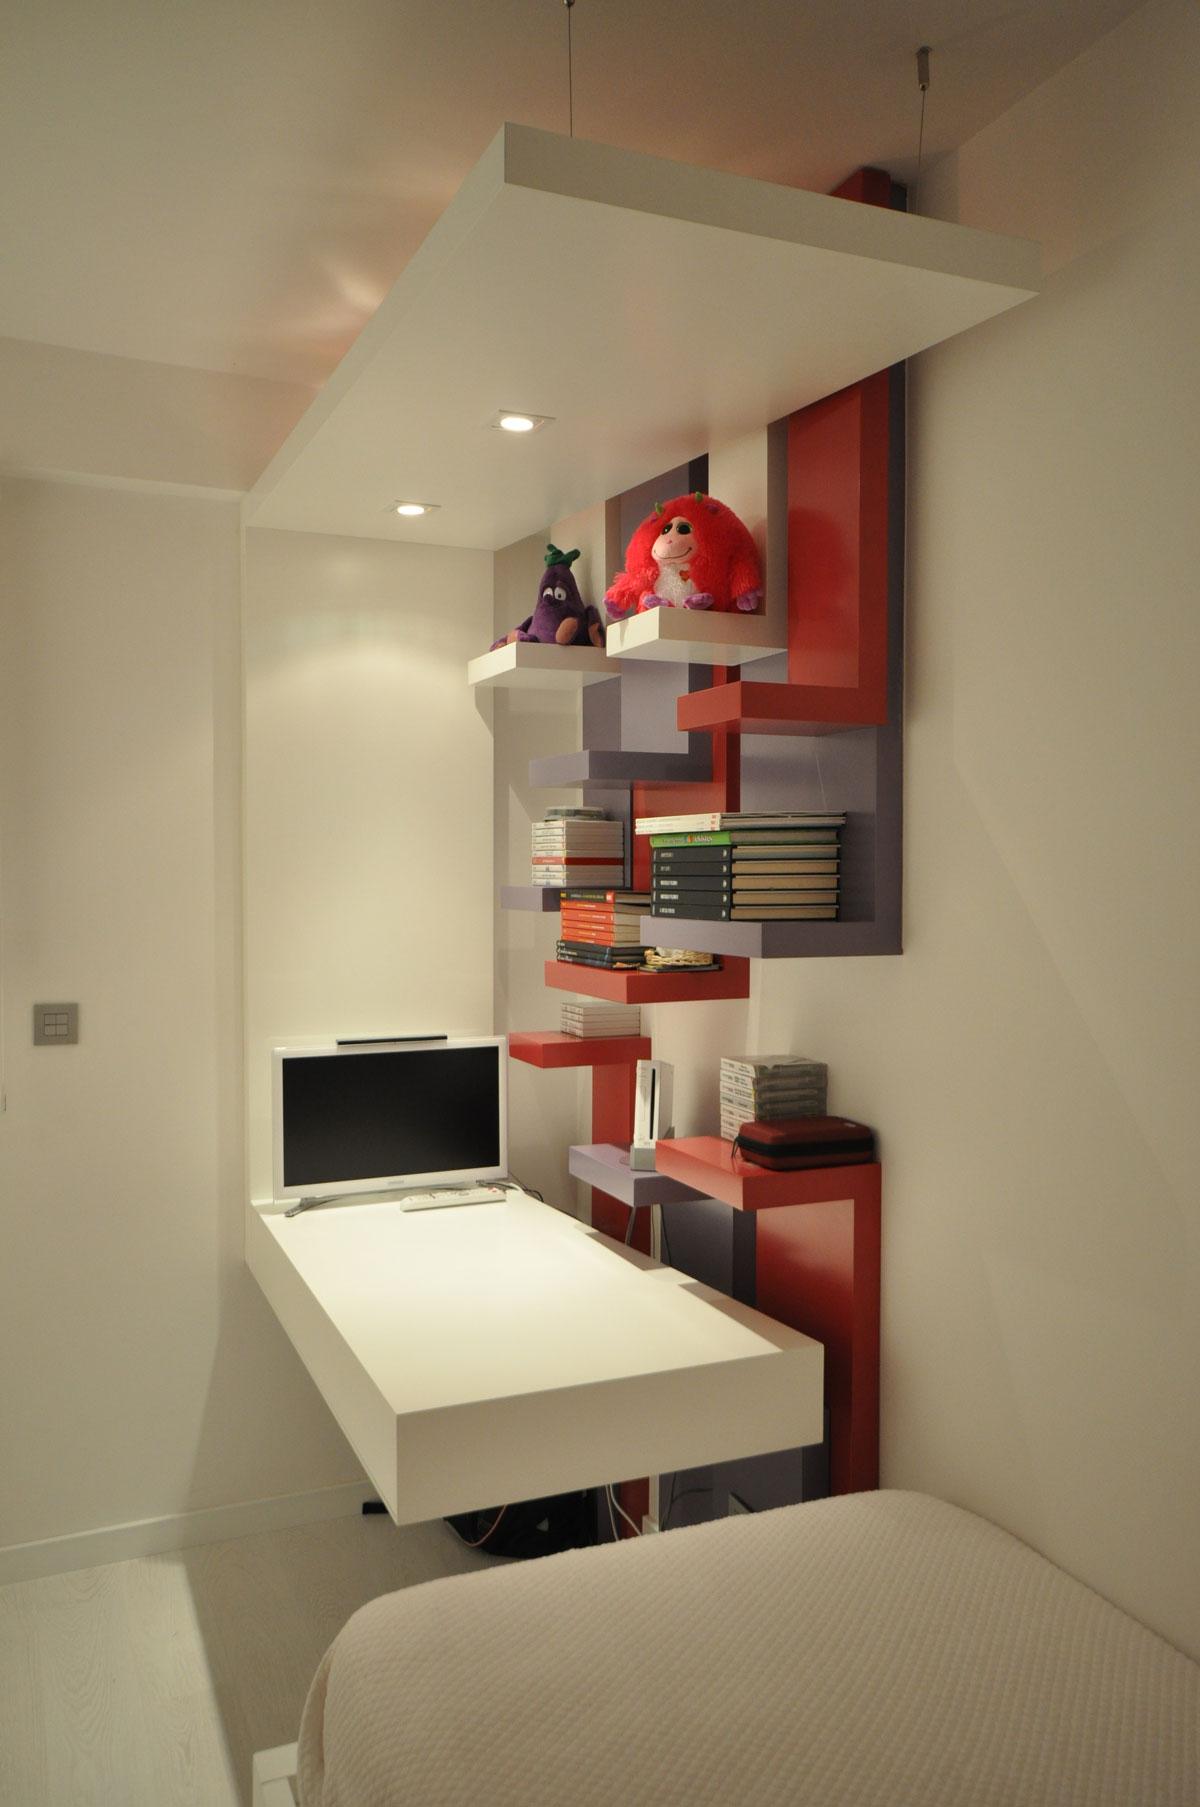 Dise o de dormitorios juveniles estudio arinni - Diseno de dormitorios juveniles ...